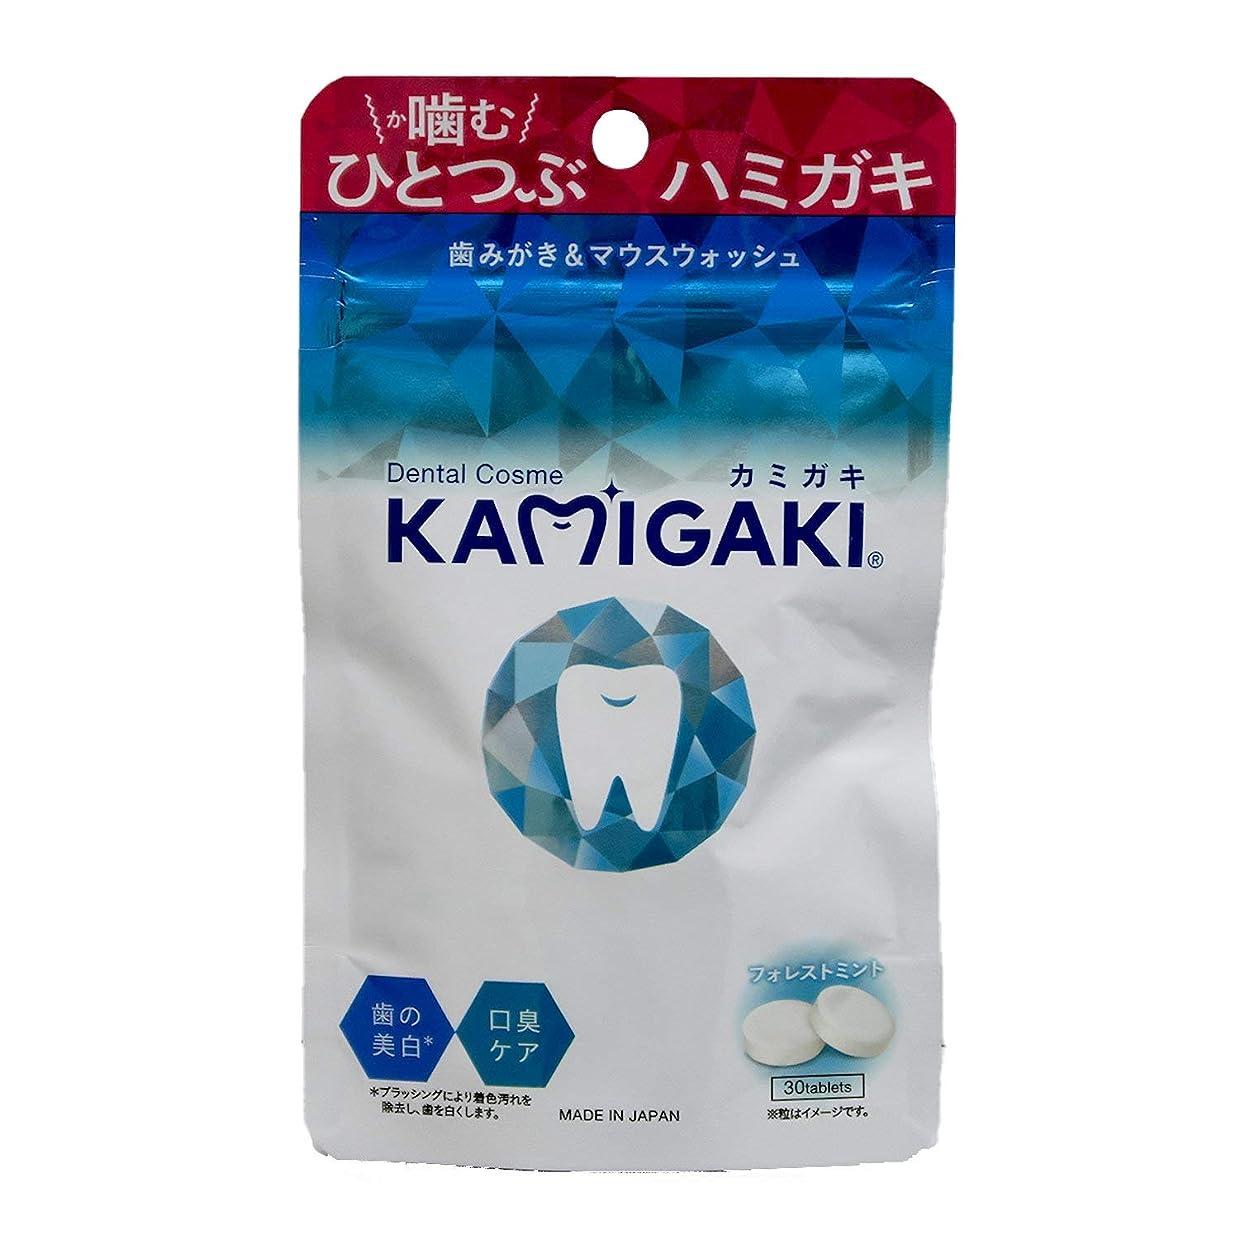 経済罰するお祝いデンタルコスメ カミガキ タブレット型歯磨き粉 フォレストミント 1個